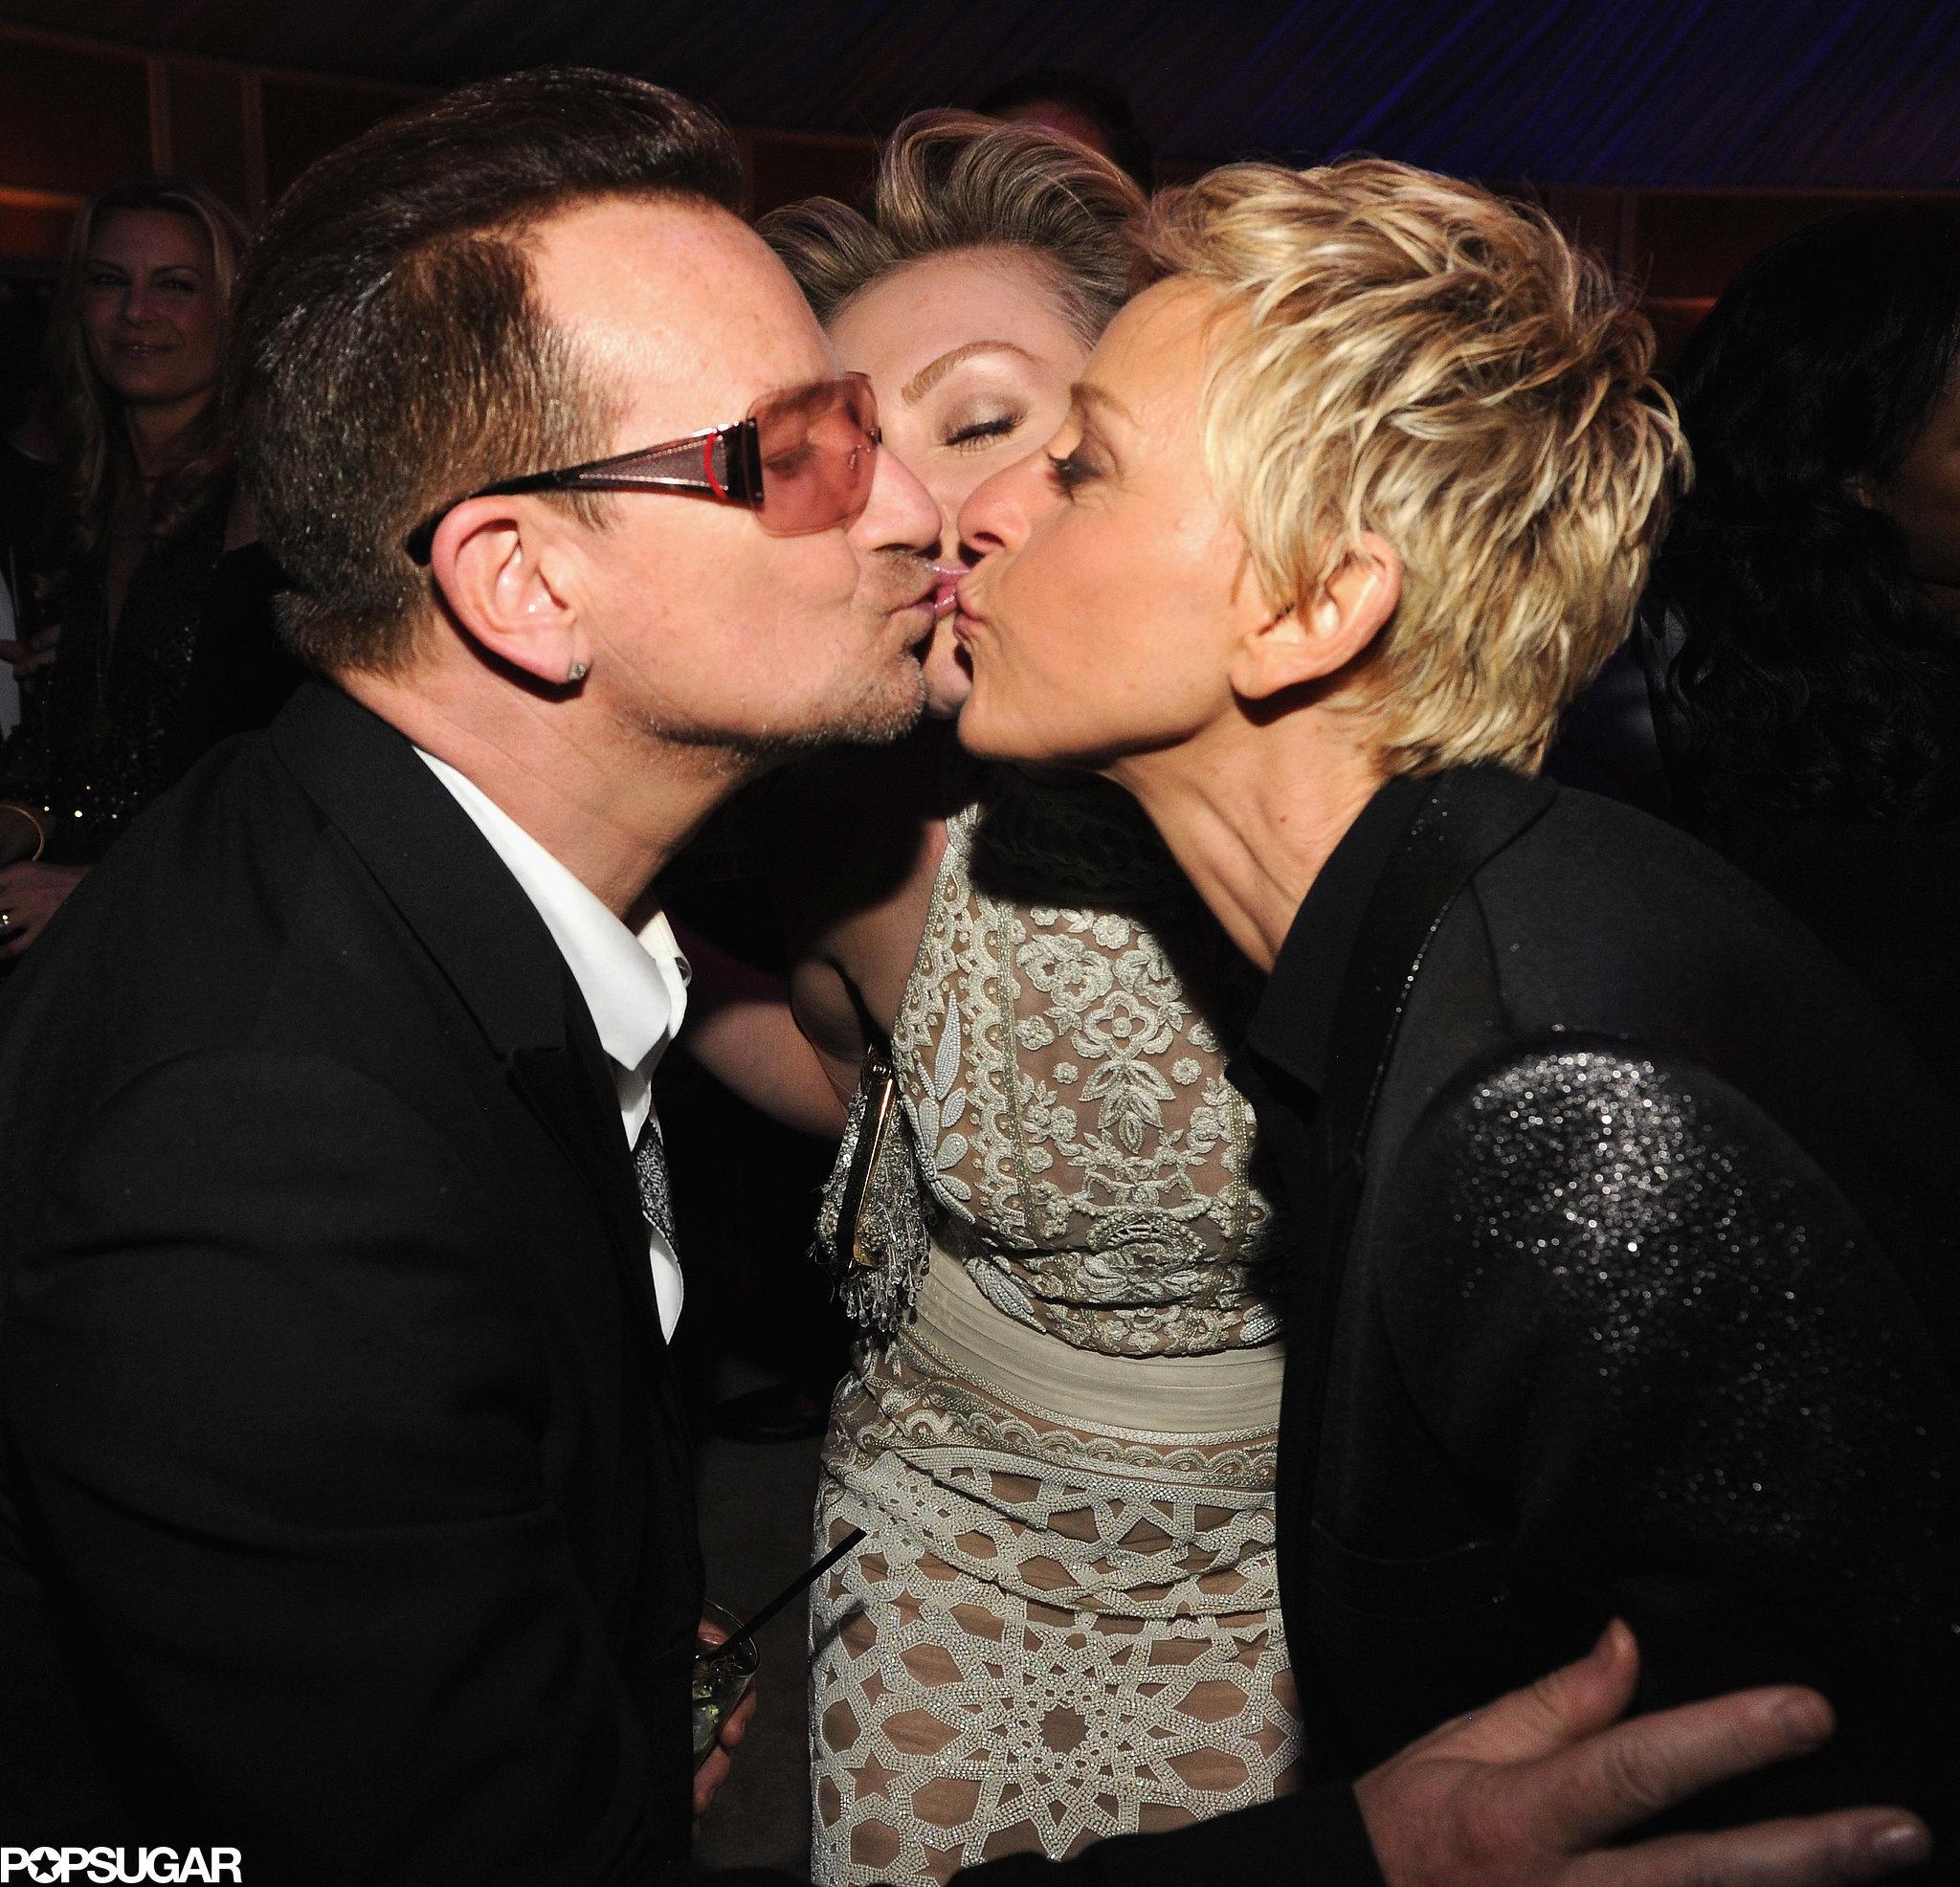 Bono, Portia de Rossi, and Ellen DeGeneres went in for a three-way kiss at the Vanity Fair Oscars party.